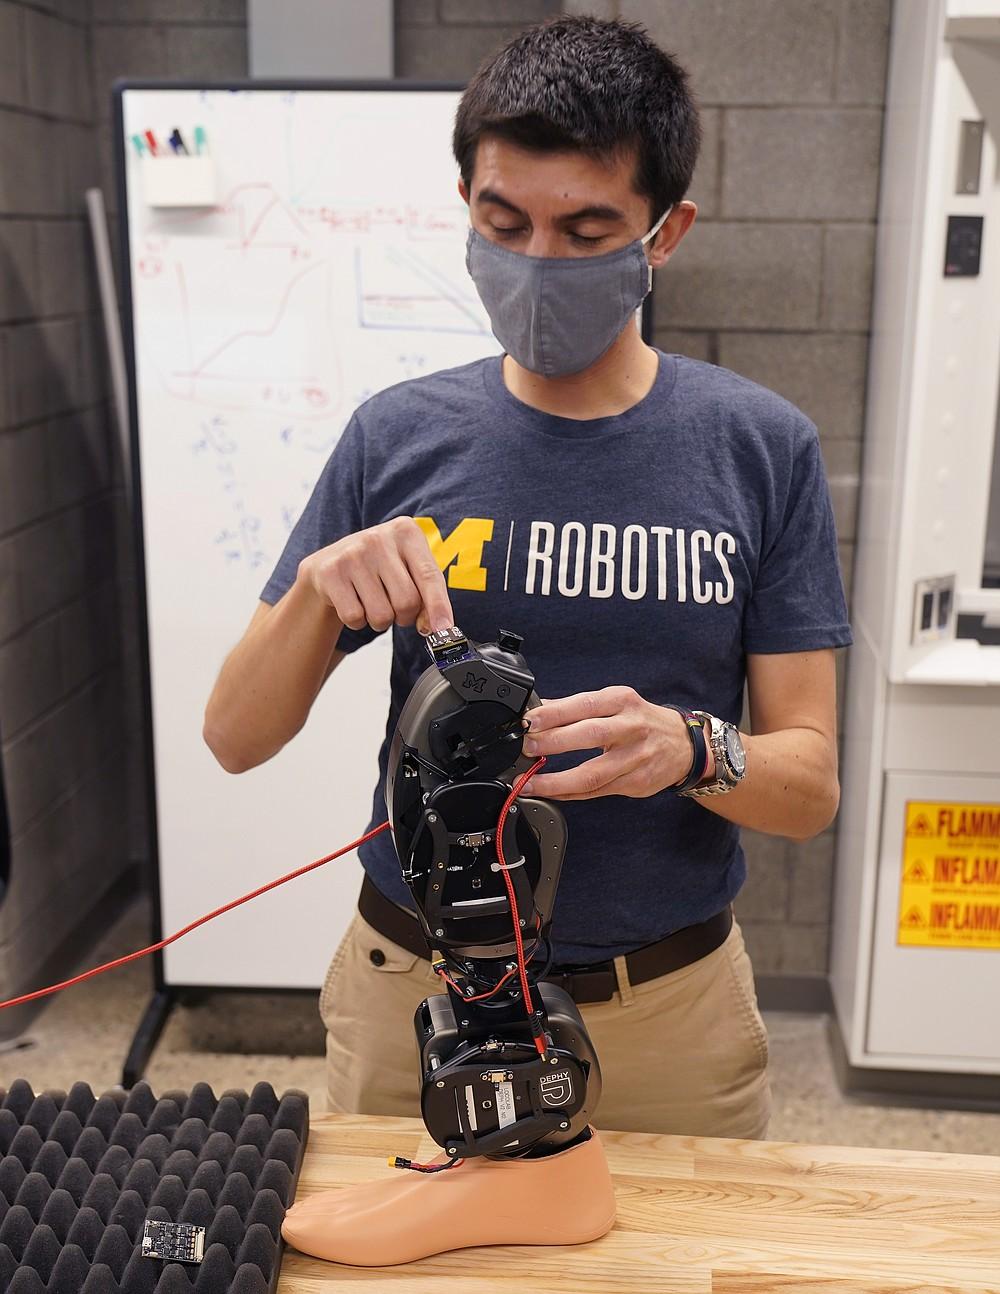 """Edgar Bolivar describe el propósito de los robots portátiles en el edificio de robótica Ford Motor Co. de la Universidad de Michigan, el 12 de marzo de 2021 en Ann Arbor, Michigan. El complejo de cuatro pisos, $ 75 millones y 134,000 pies cuadrados ha tres pisos que albergan aulas y laboratorios de investigación para robots que vuelan, caminan, ruedan y aumentan el cuerpo humano. (Foto AP / Carlos Osorio) """"style ="""" width: 100% """"/><p> <span style="""